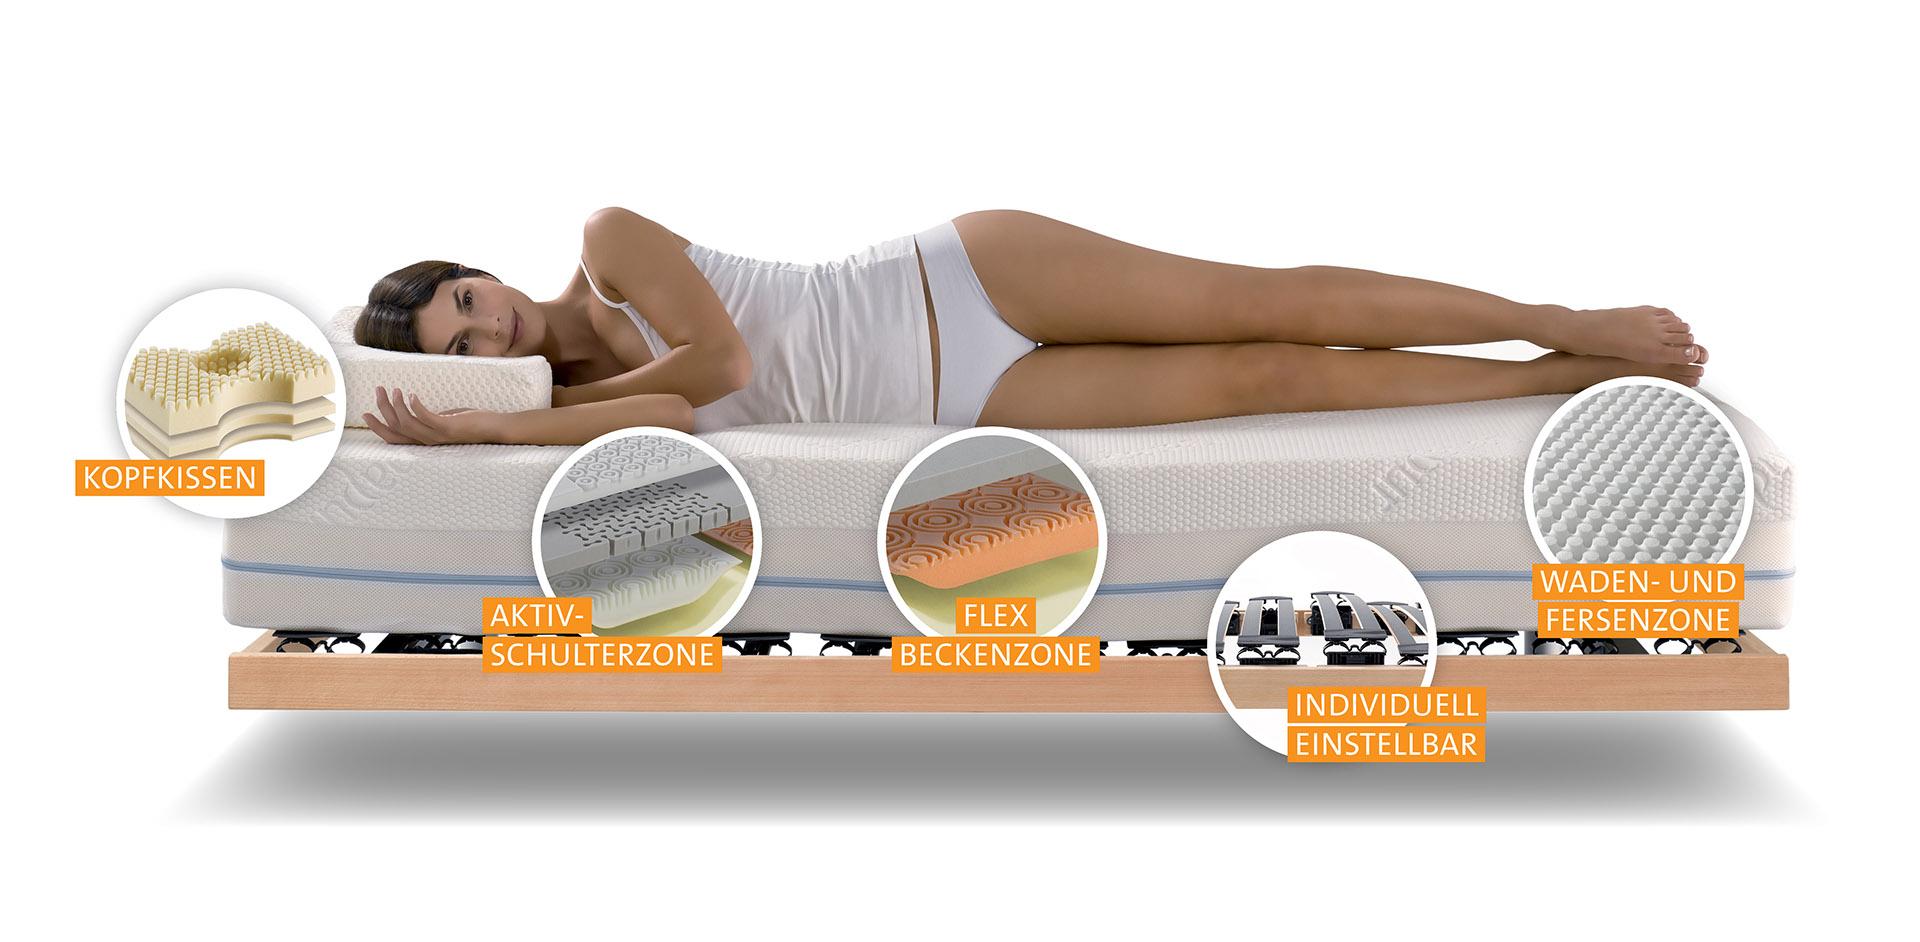 Das Sanapur-Konzept - gesund schlafen mit ergonomisch richtiger Matratze, Kissen und Unterfederung